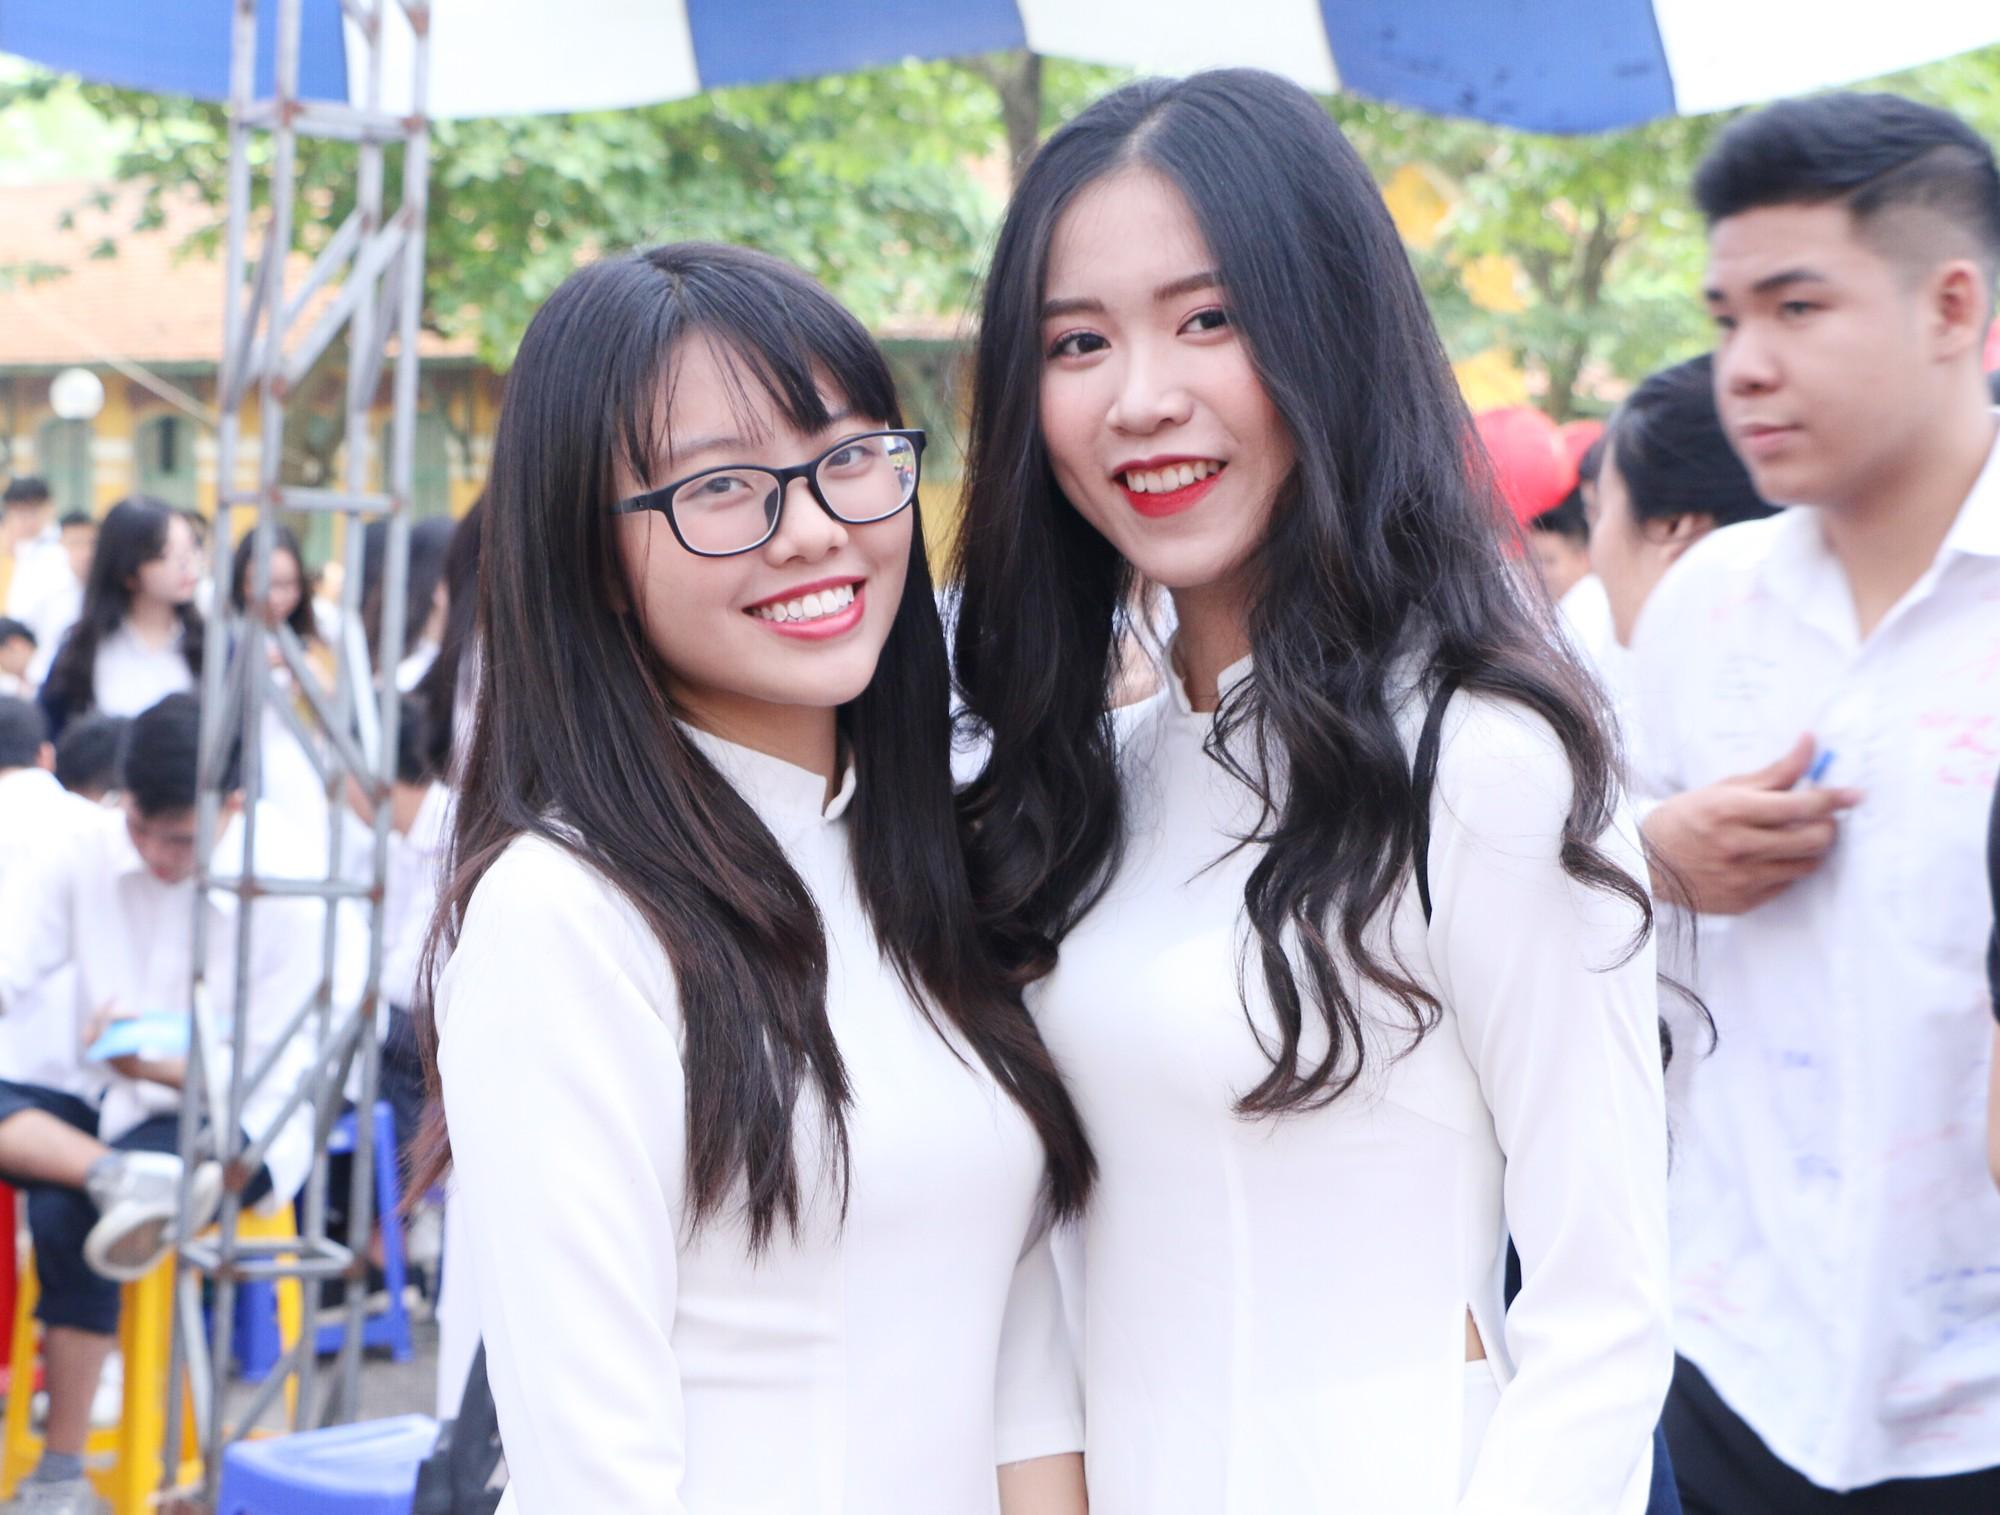 Ngắm nữ sinh Trường Chu Văn An duyên dáng, đẹp tinh khôi trong ngày bế giảng - Ảnh 1.